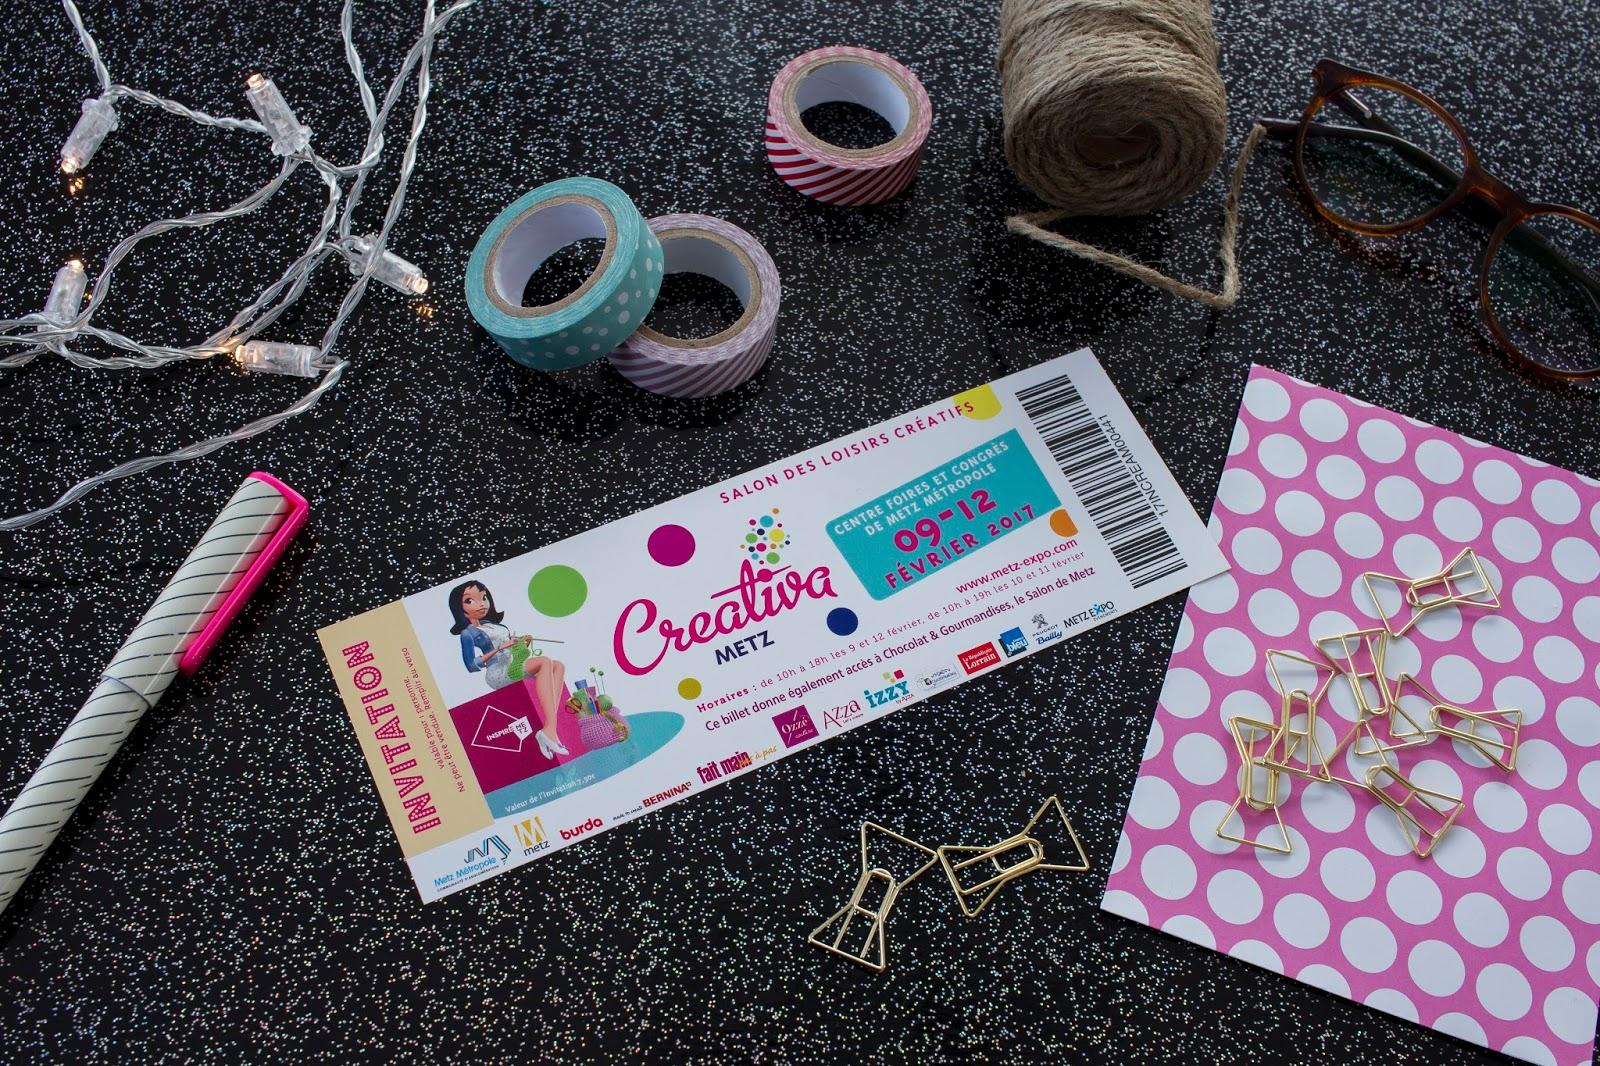 Concours a gagner 10 invitations pour le salon creativa metz bavardons - Concours loisirs creatifs ...